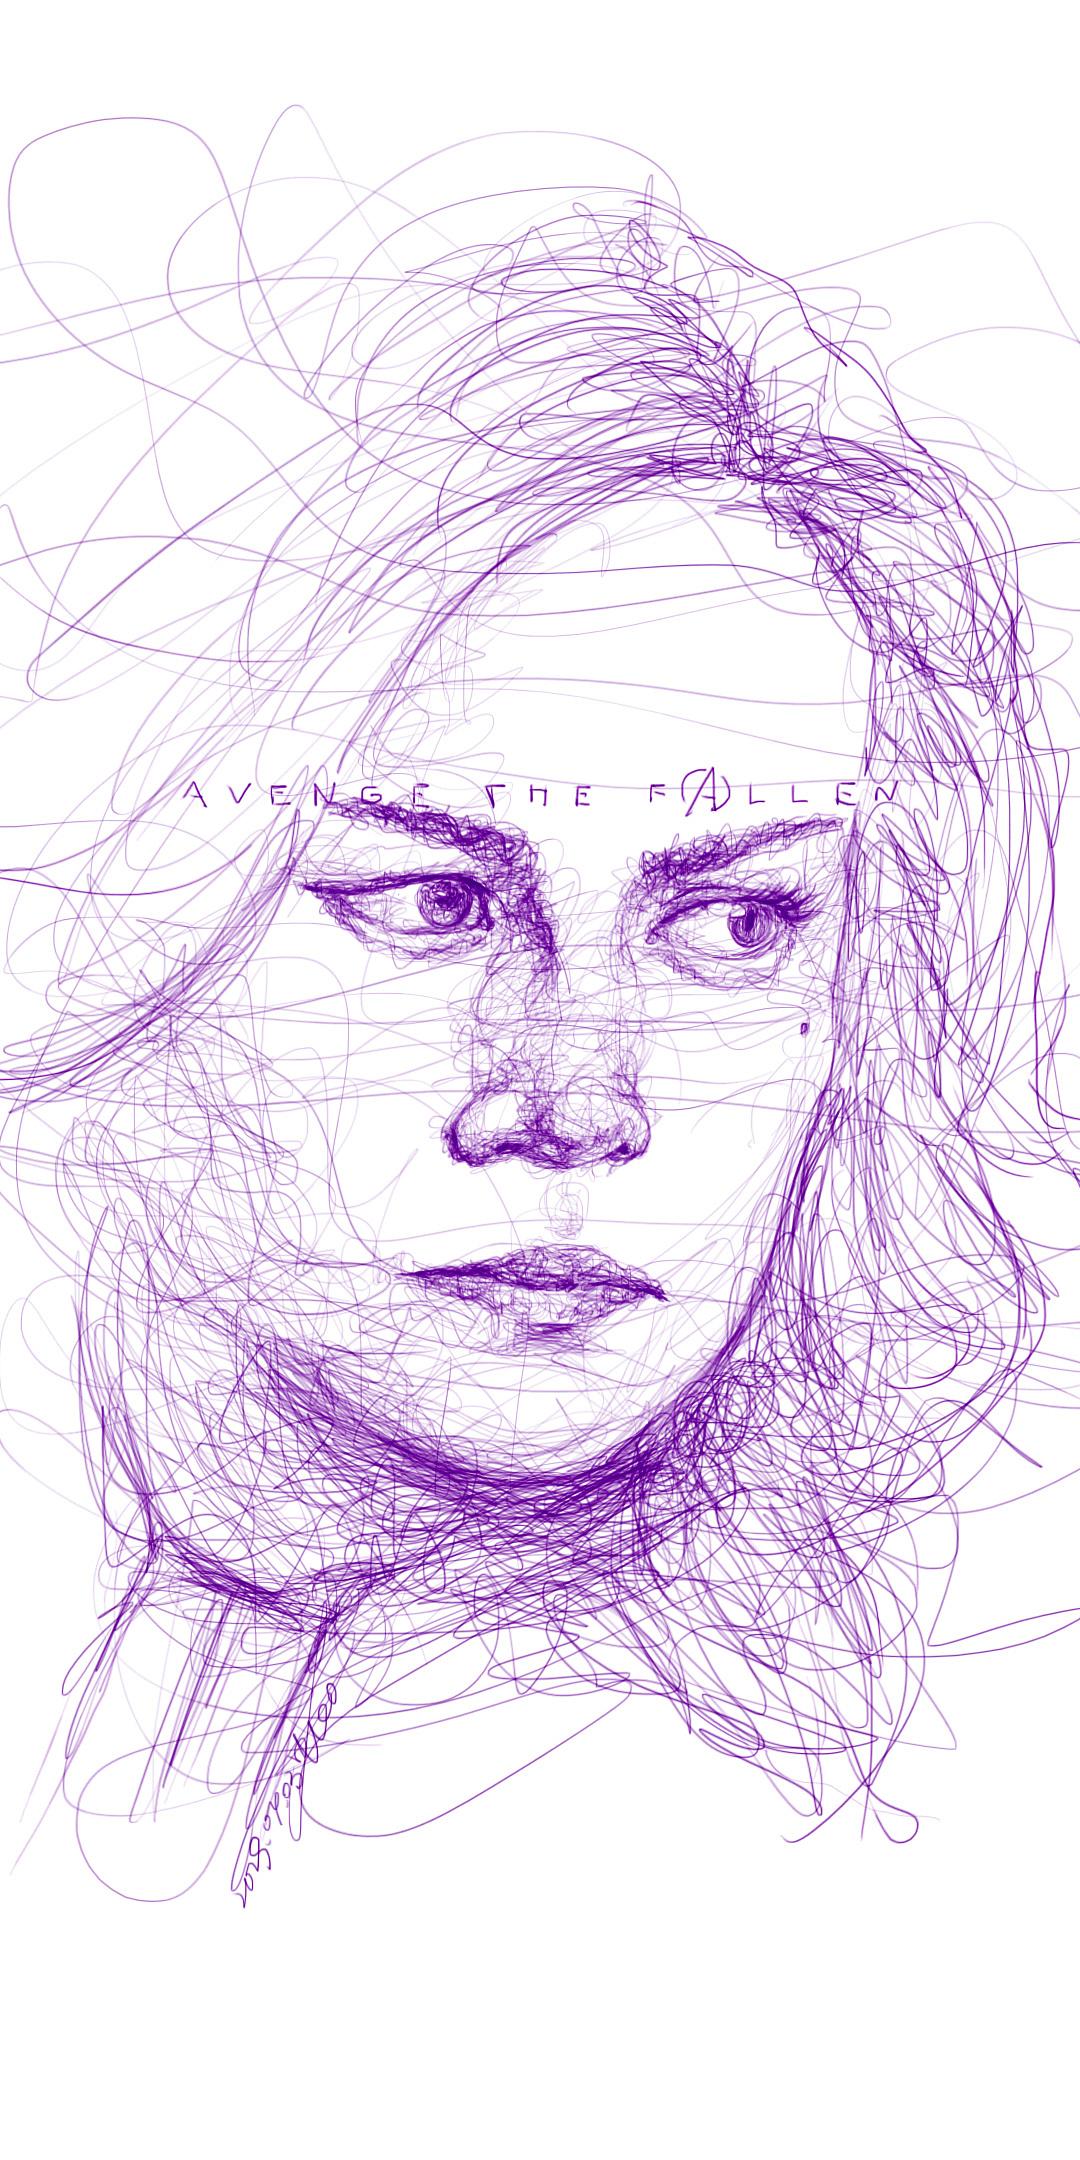 一代狮王leo表情包_丸子Yuki__插画师作品_涂鸦王国gracg.com